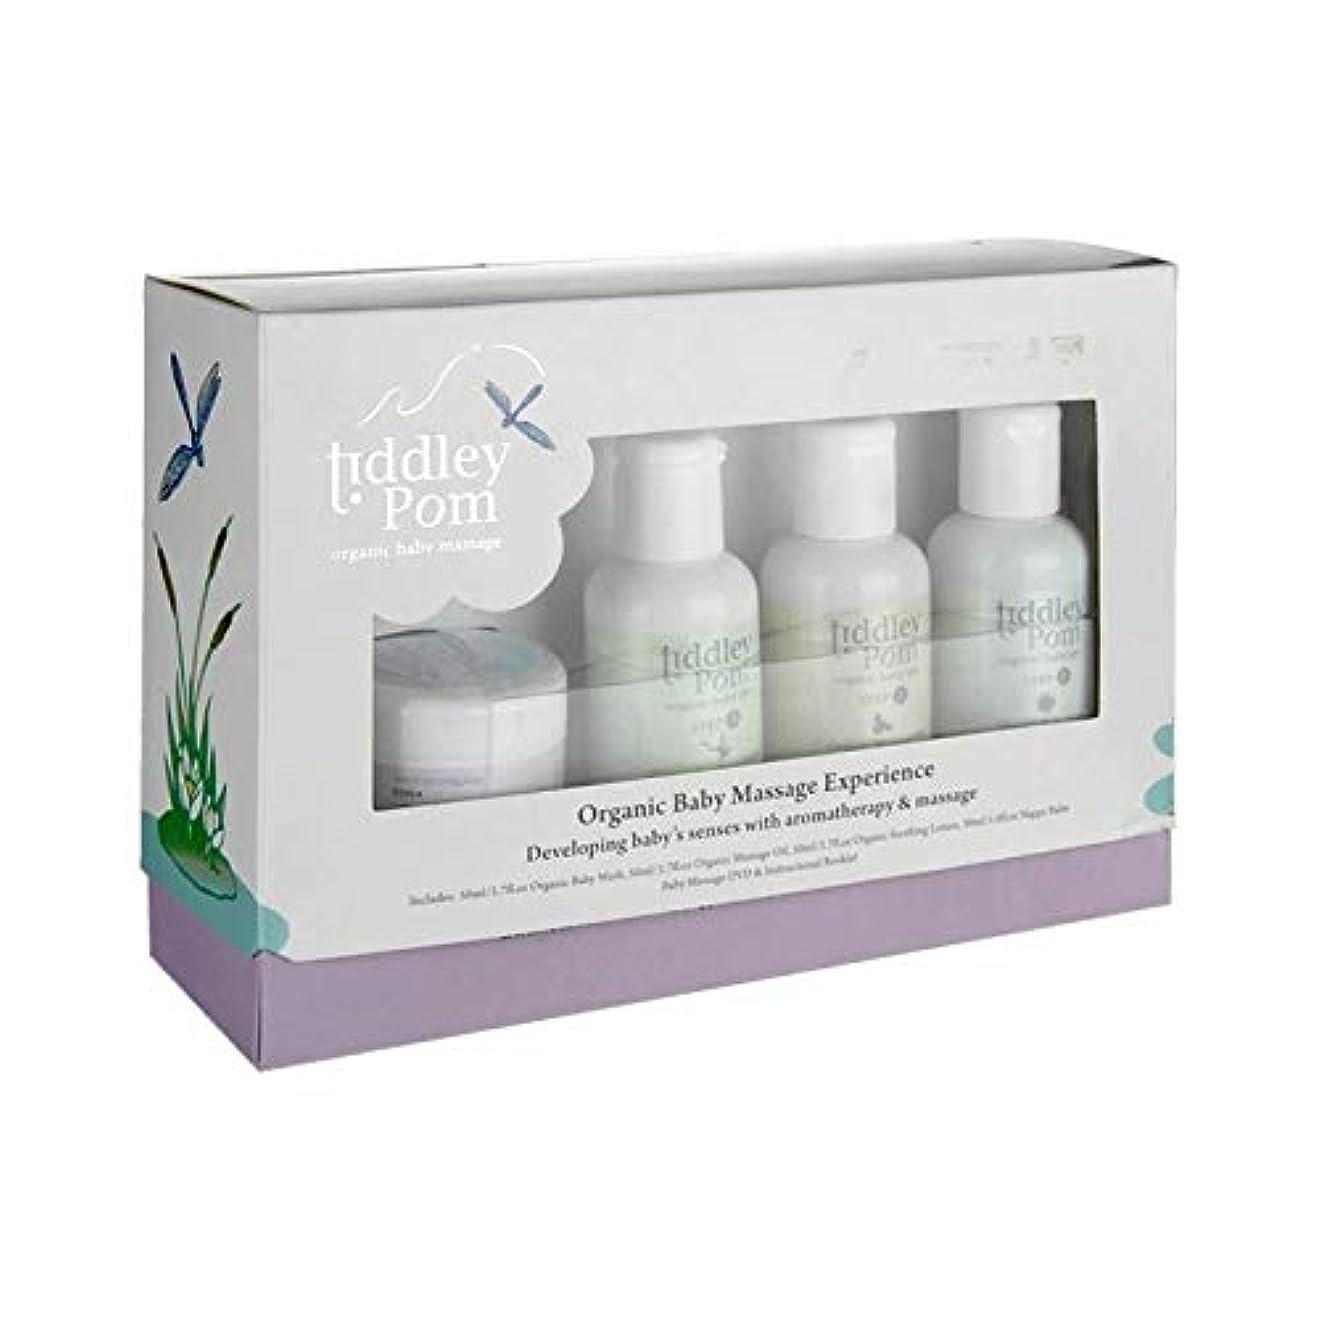 振る舞い通行人貸し手[Tiddley Pom] Tiddleyポンポン有機ベビーマッサージのギフトセット - Tiddley Pom Organic Baby Massage Gift set [並行輸入品]